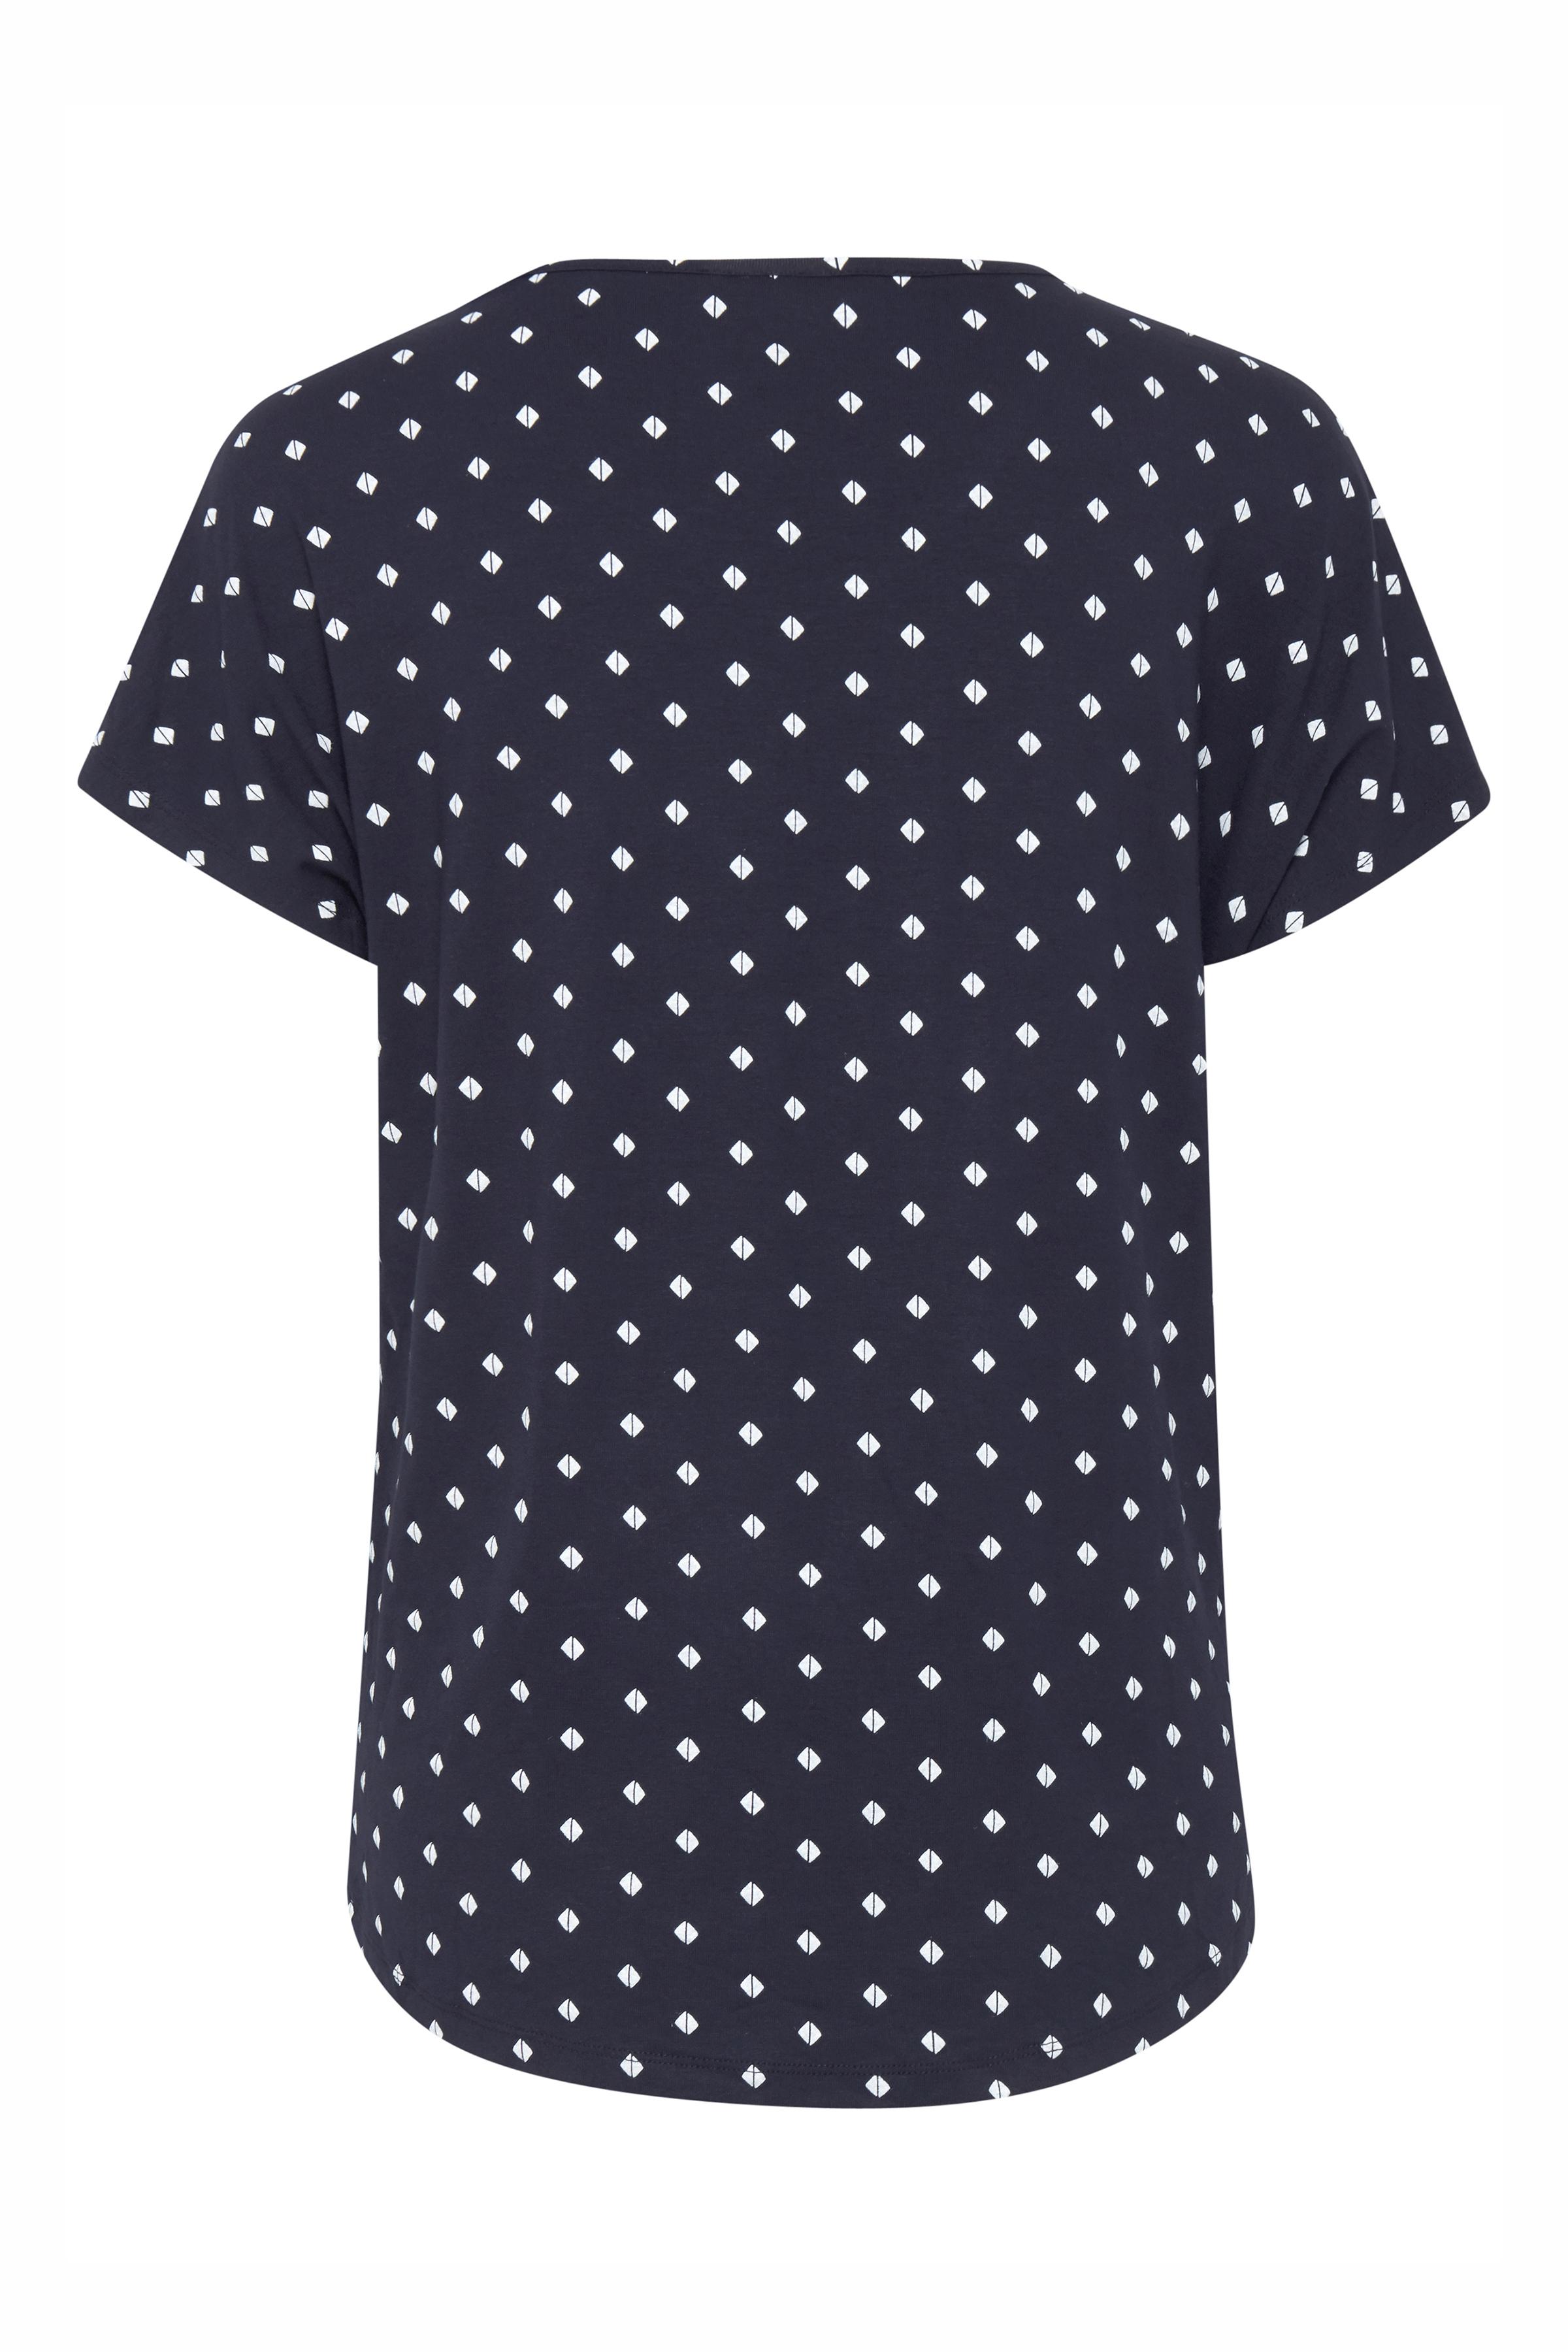 Marineblå/hvid Kortærmet T-shirt fra Fransa – Køb Marineblå/hvid Kortærmet T-shirt fra str. XS-XXL her